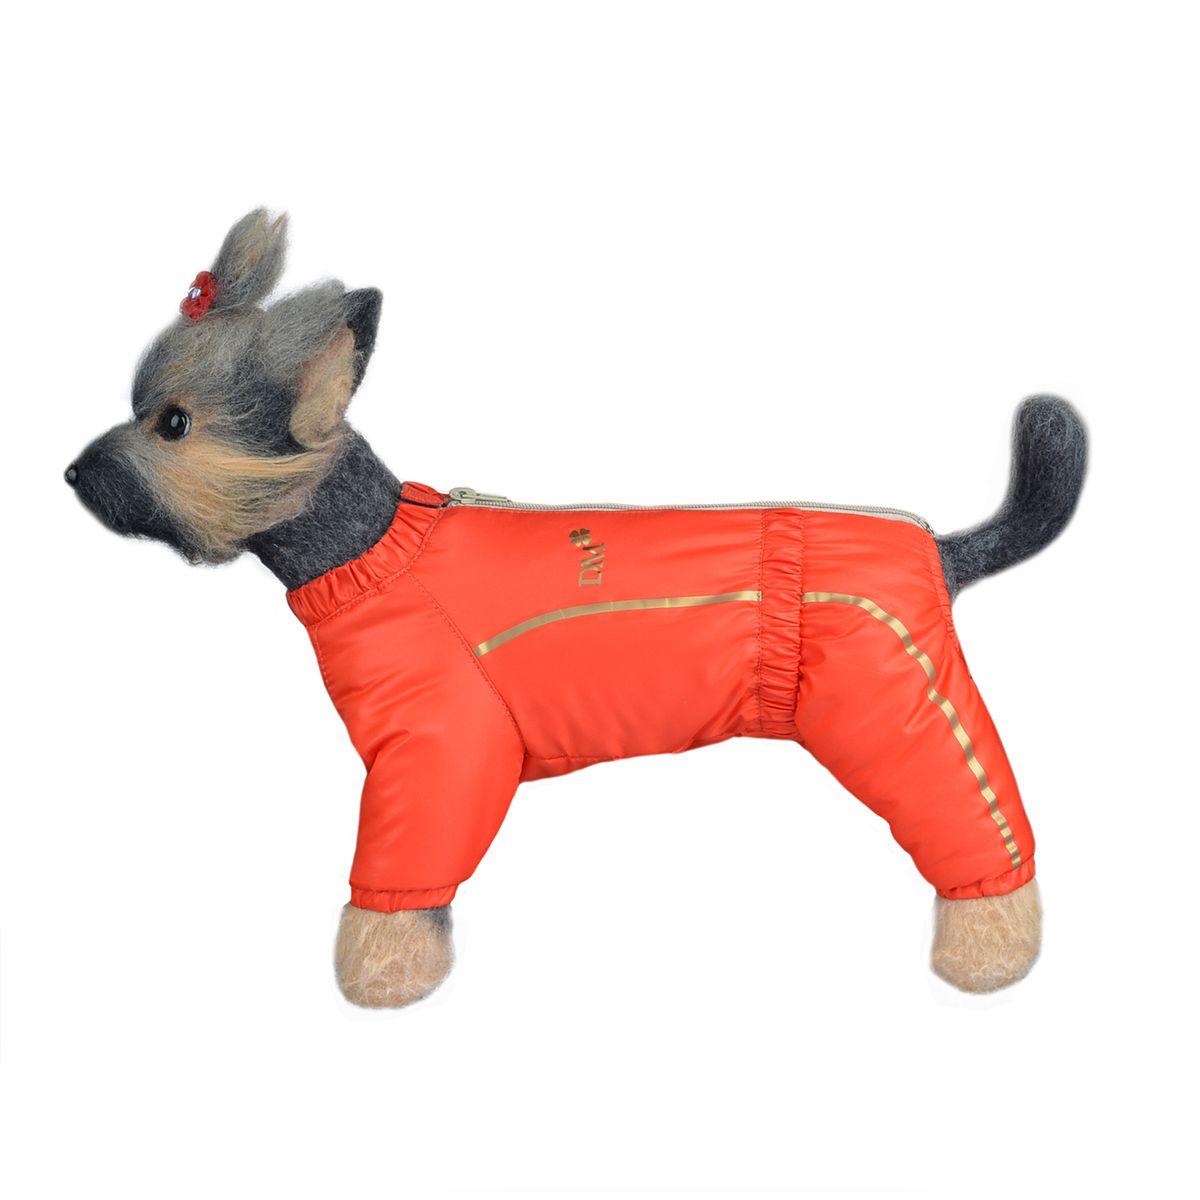 Комбинезон для собак Dogmoda Альпы, зимний, для девочки, цвет: оранжевый. Размер 3 (L) комбинезоны для животных dogmoda комбинезон doggs active 70 сука